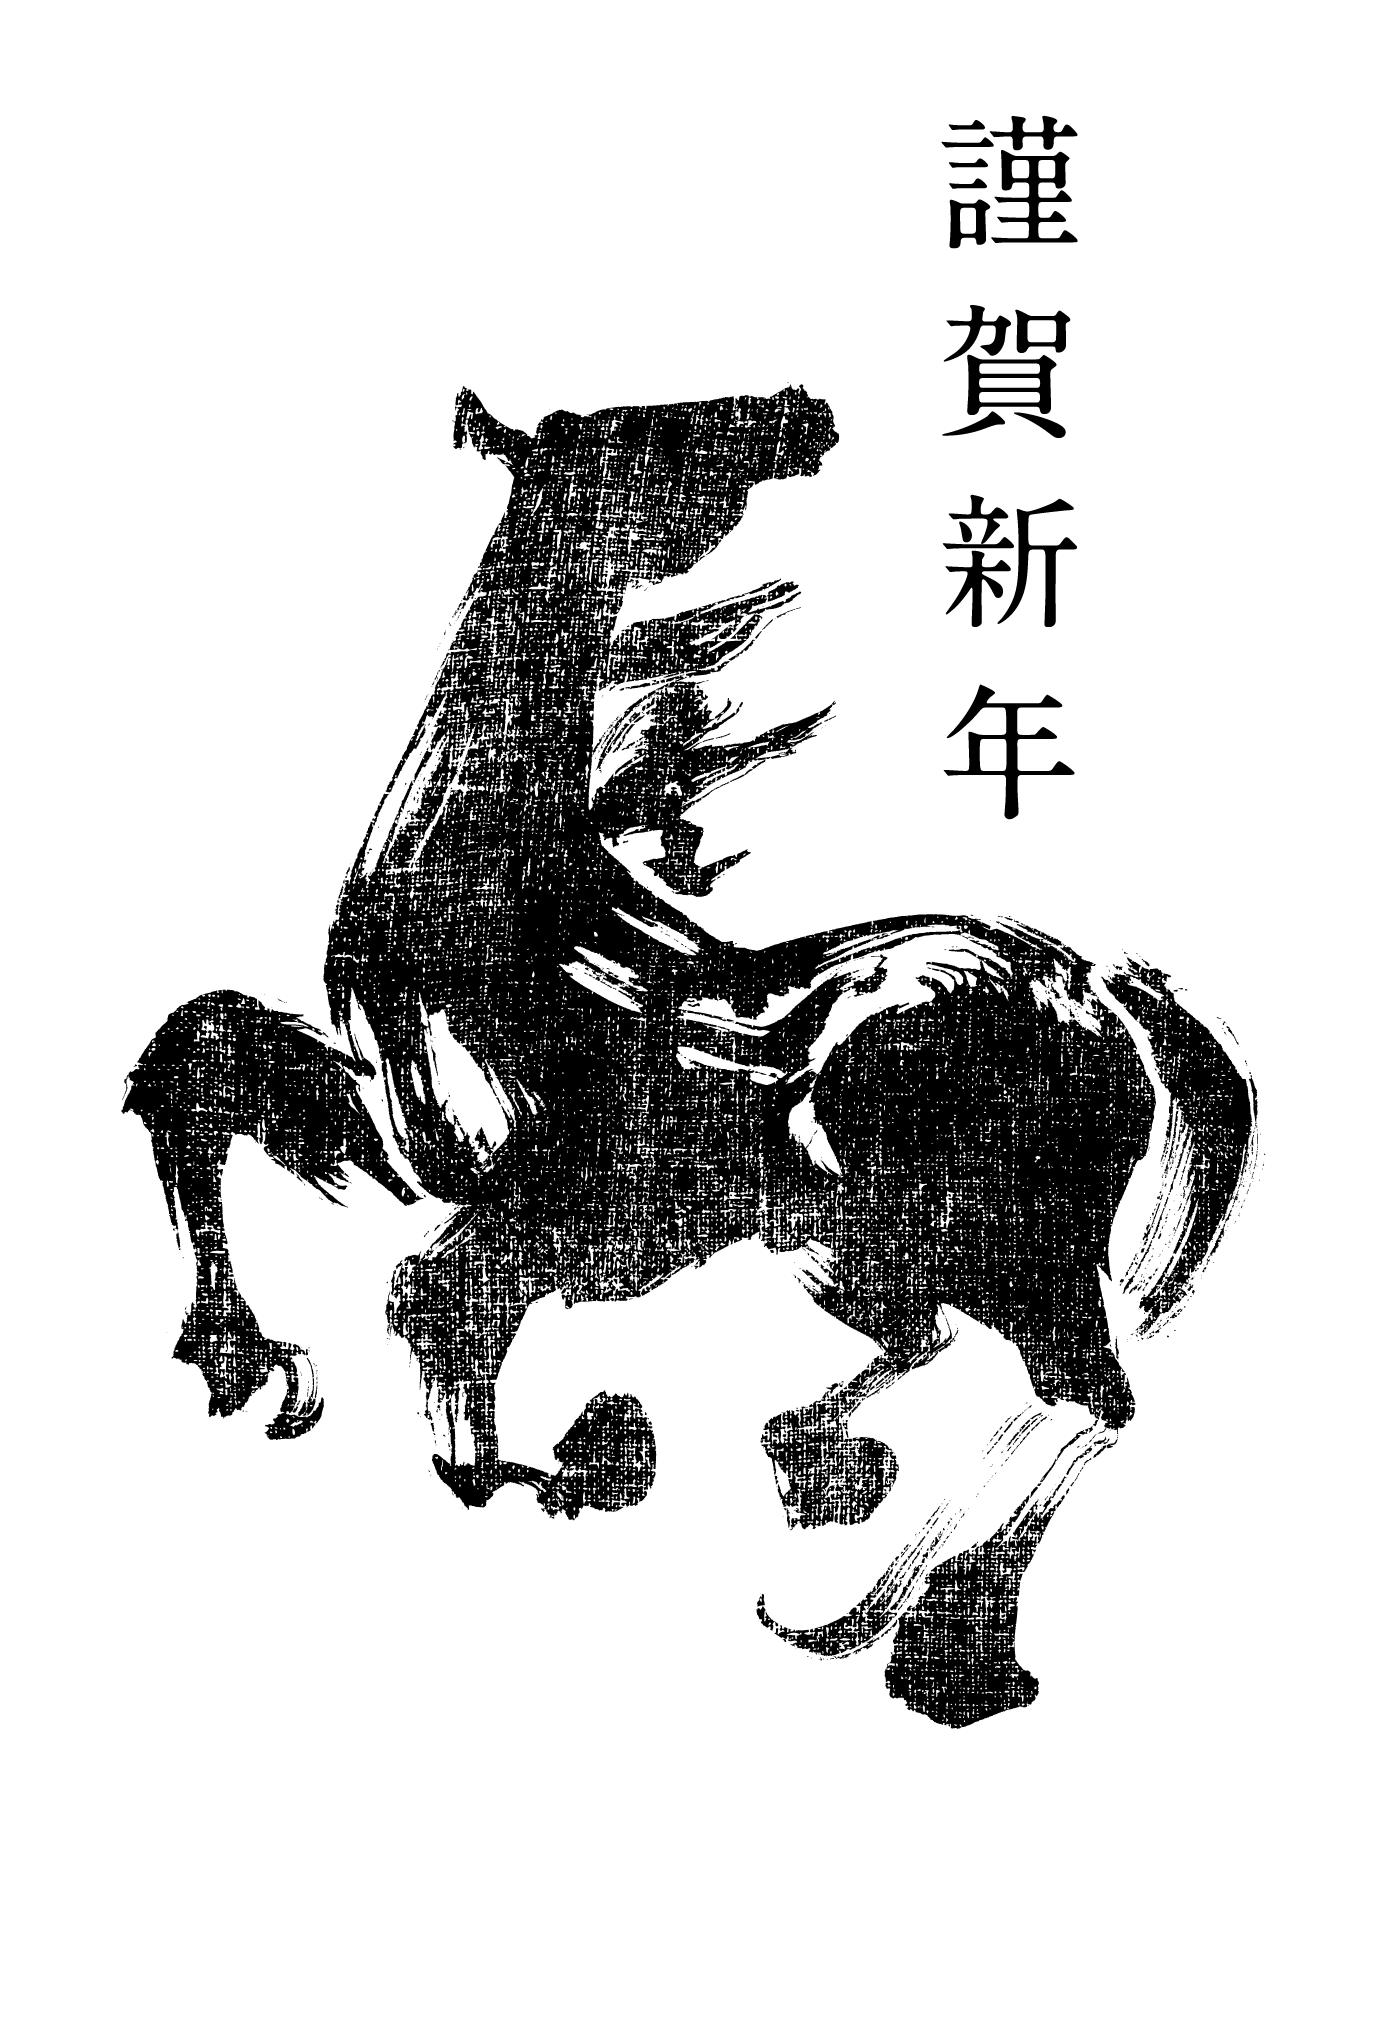 2014年賀状11-2:馬 Calligraphy(黒)のダウンロード画像